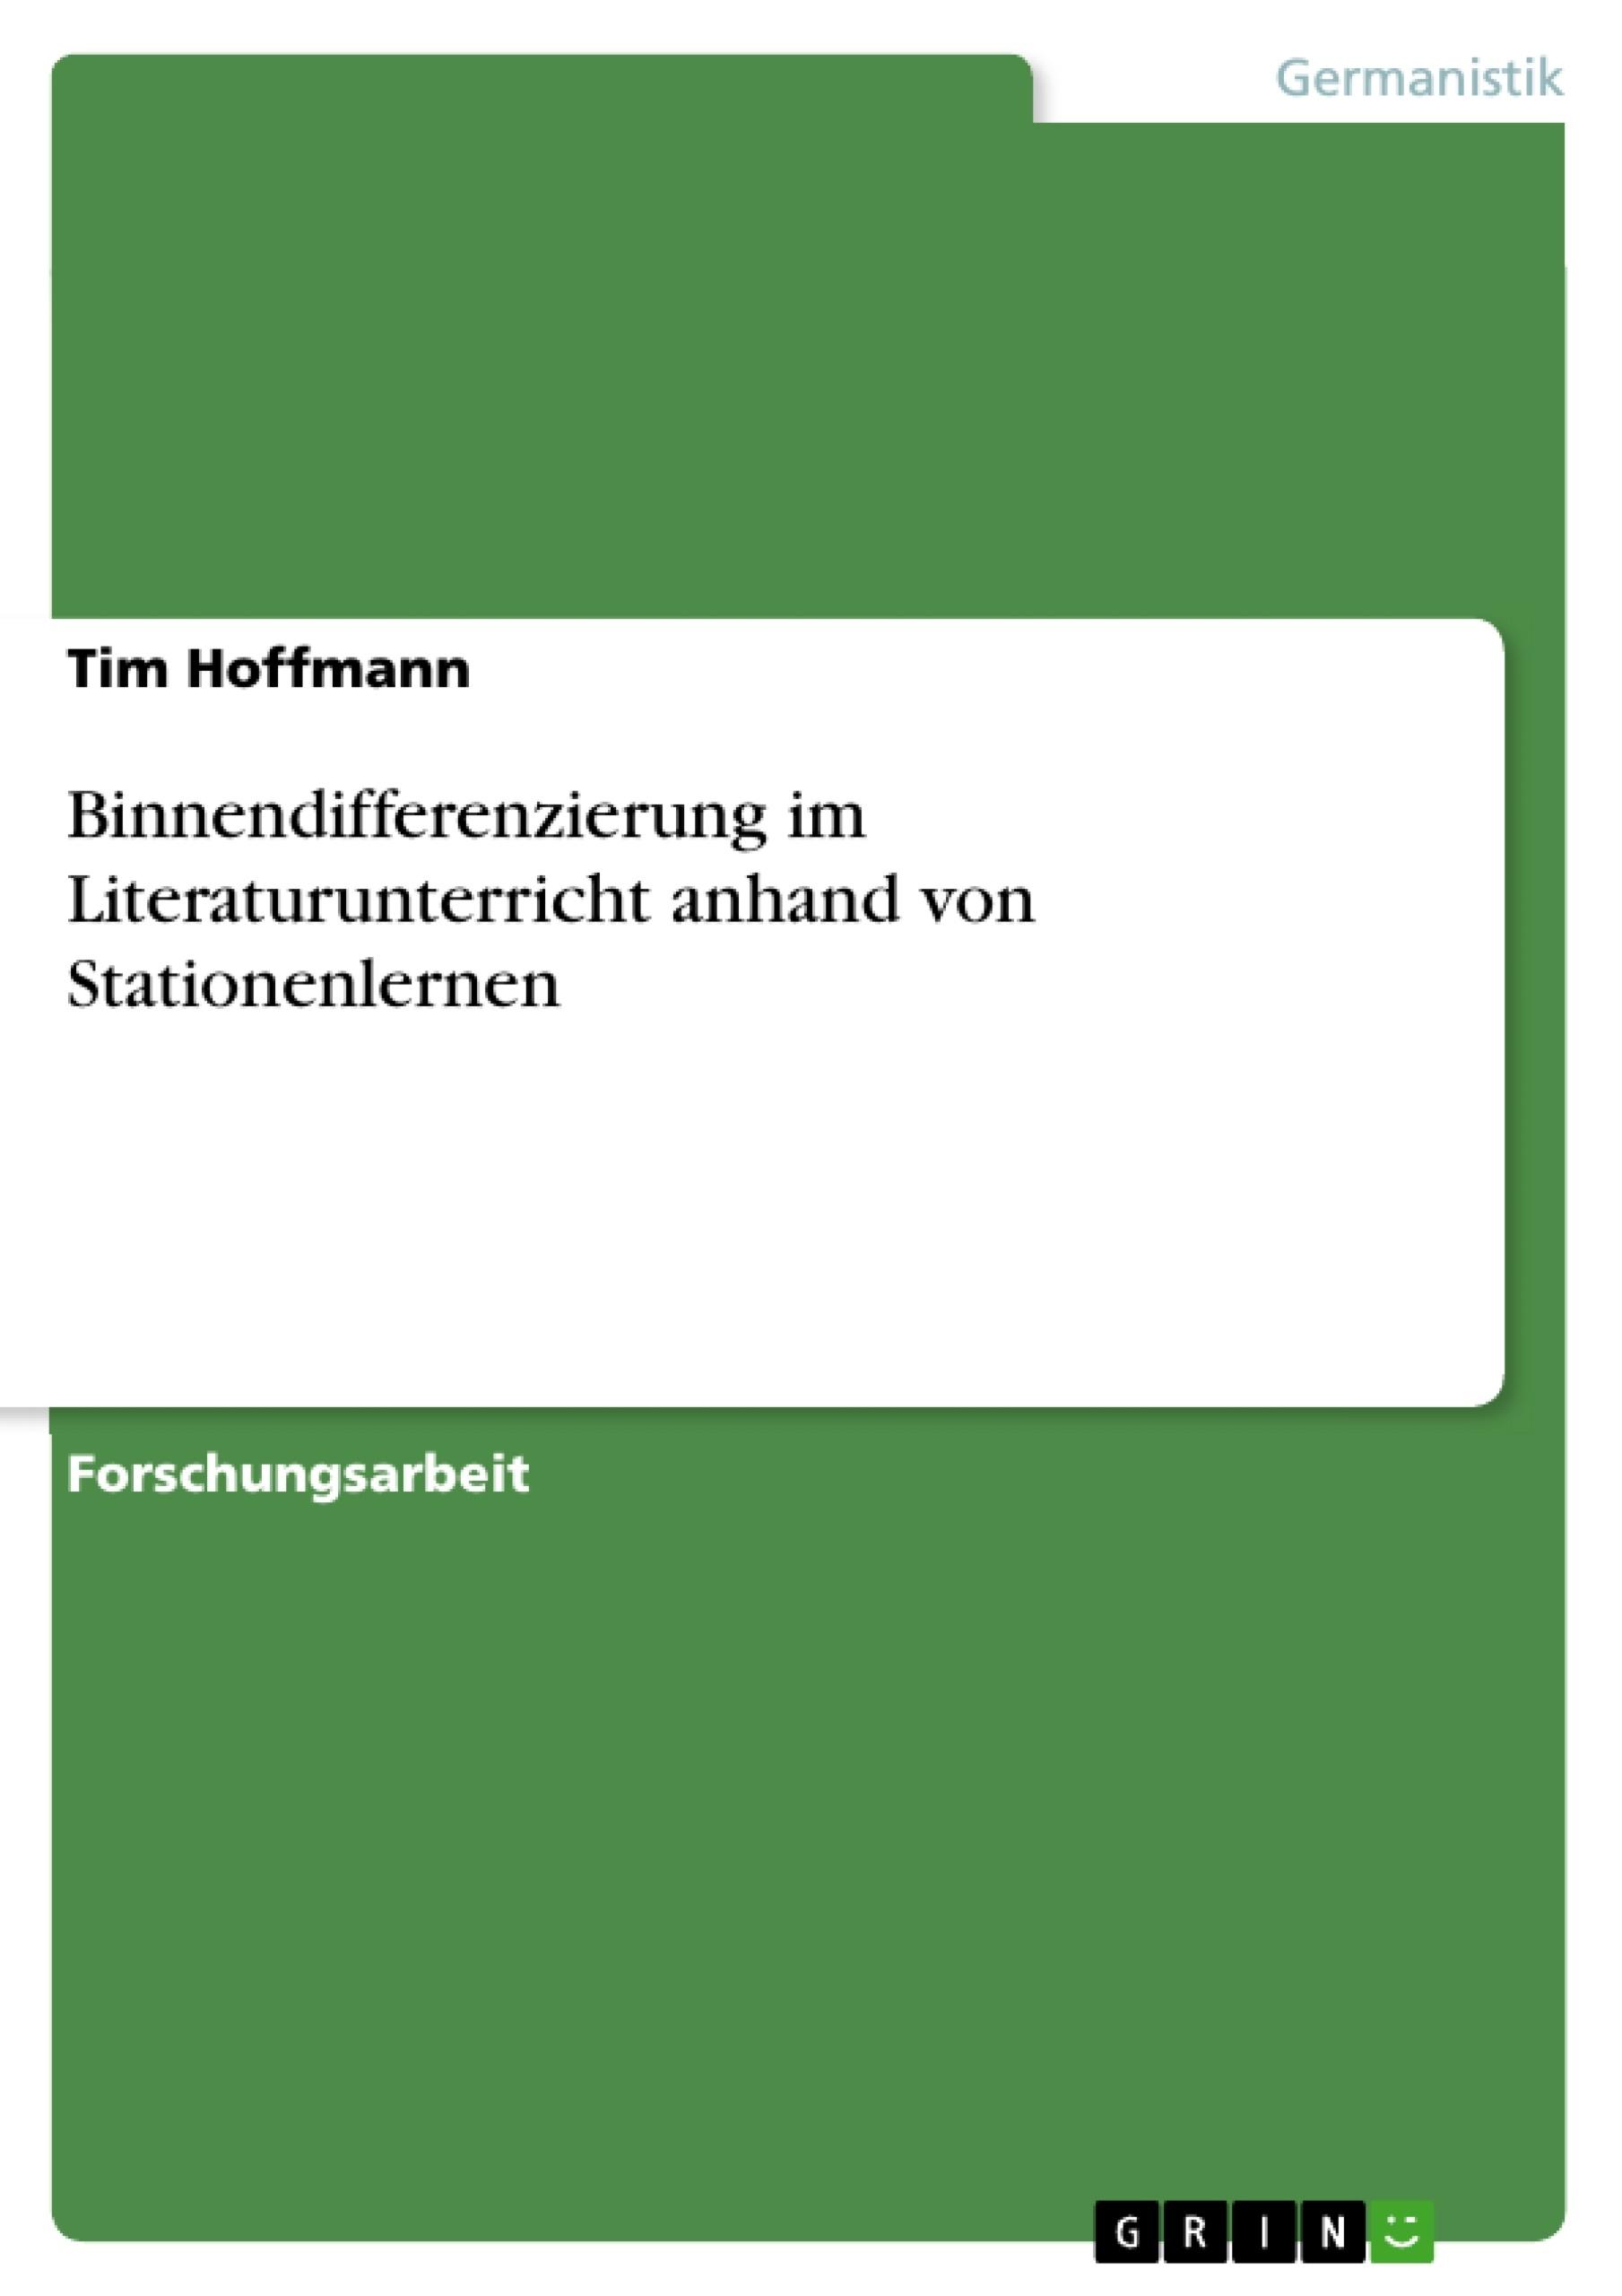 Titel: Binnendifferenzierung im Literaturunterricht anhand von Stationenlernen